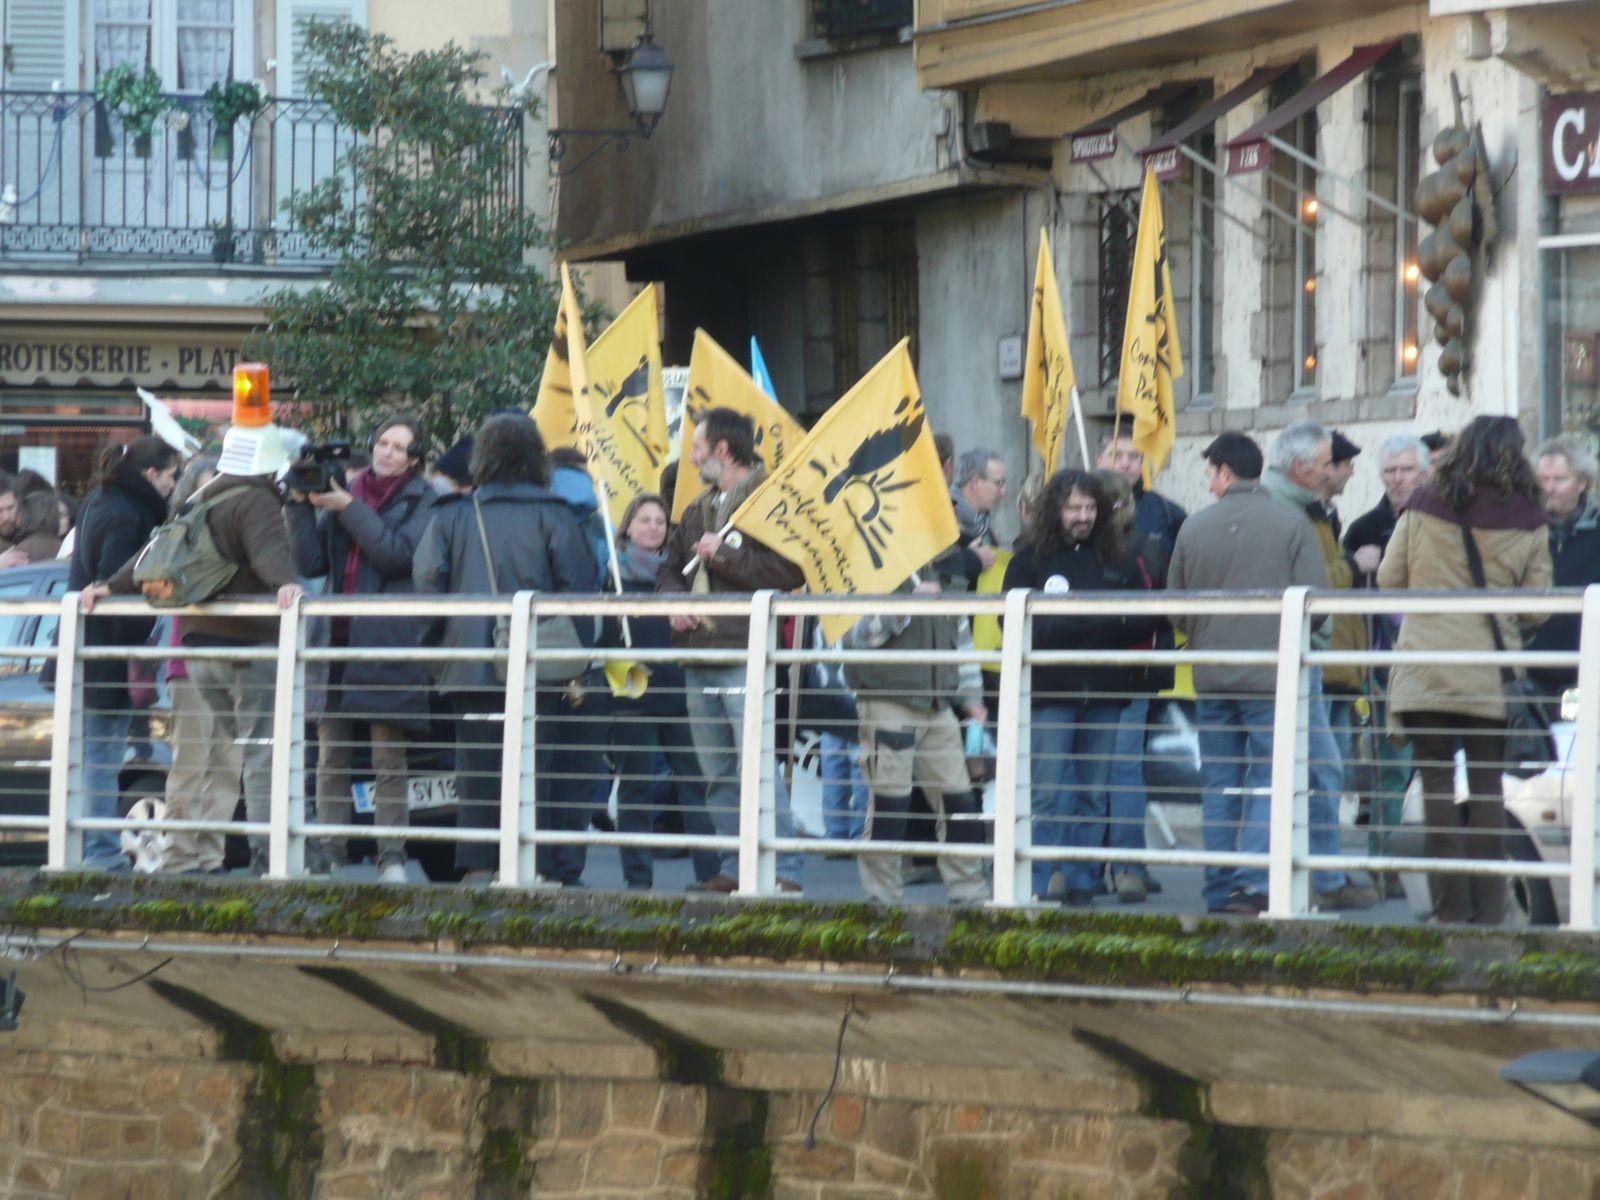 """Manifestation """"Sauvons l'élevage"""" du samedi 5/01 (organisée par la Confédération paysanne nationale)"""